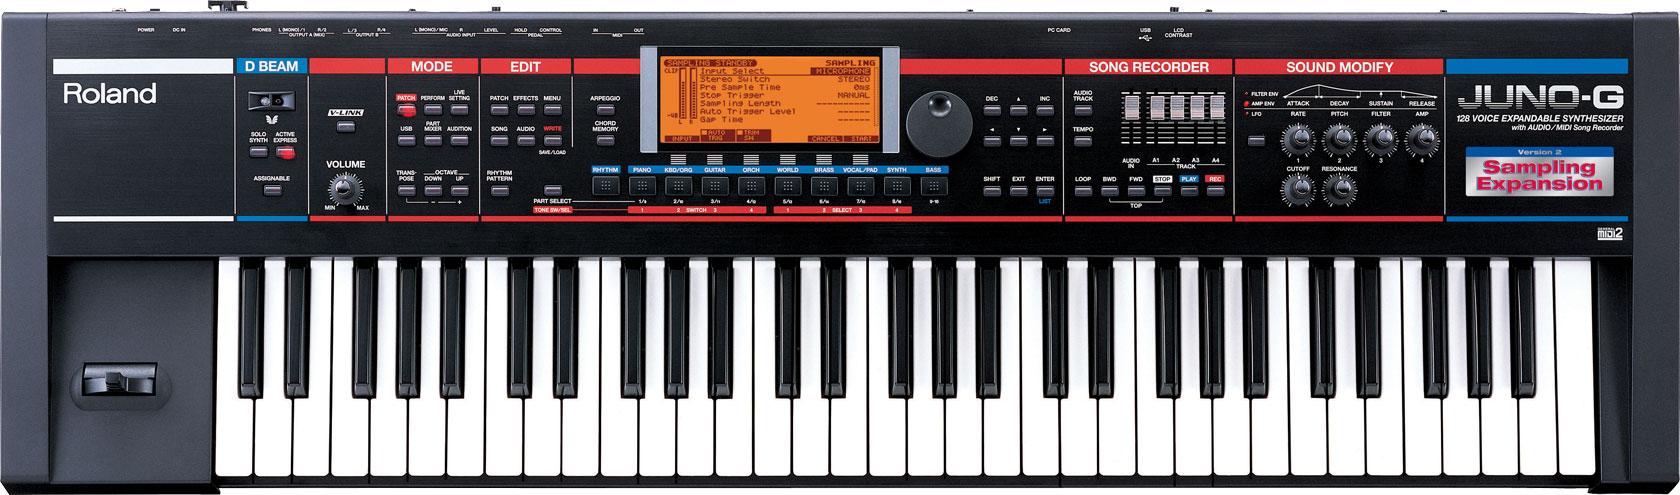 JUNO-G Roland Juno Keyboards